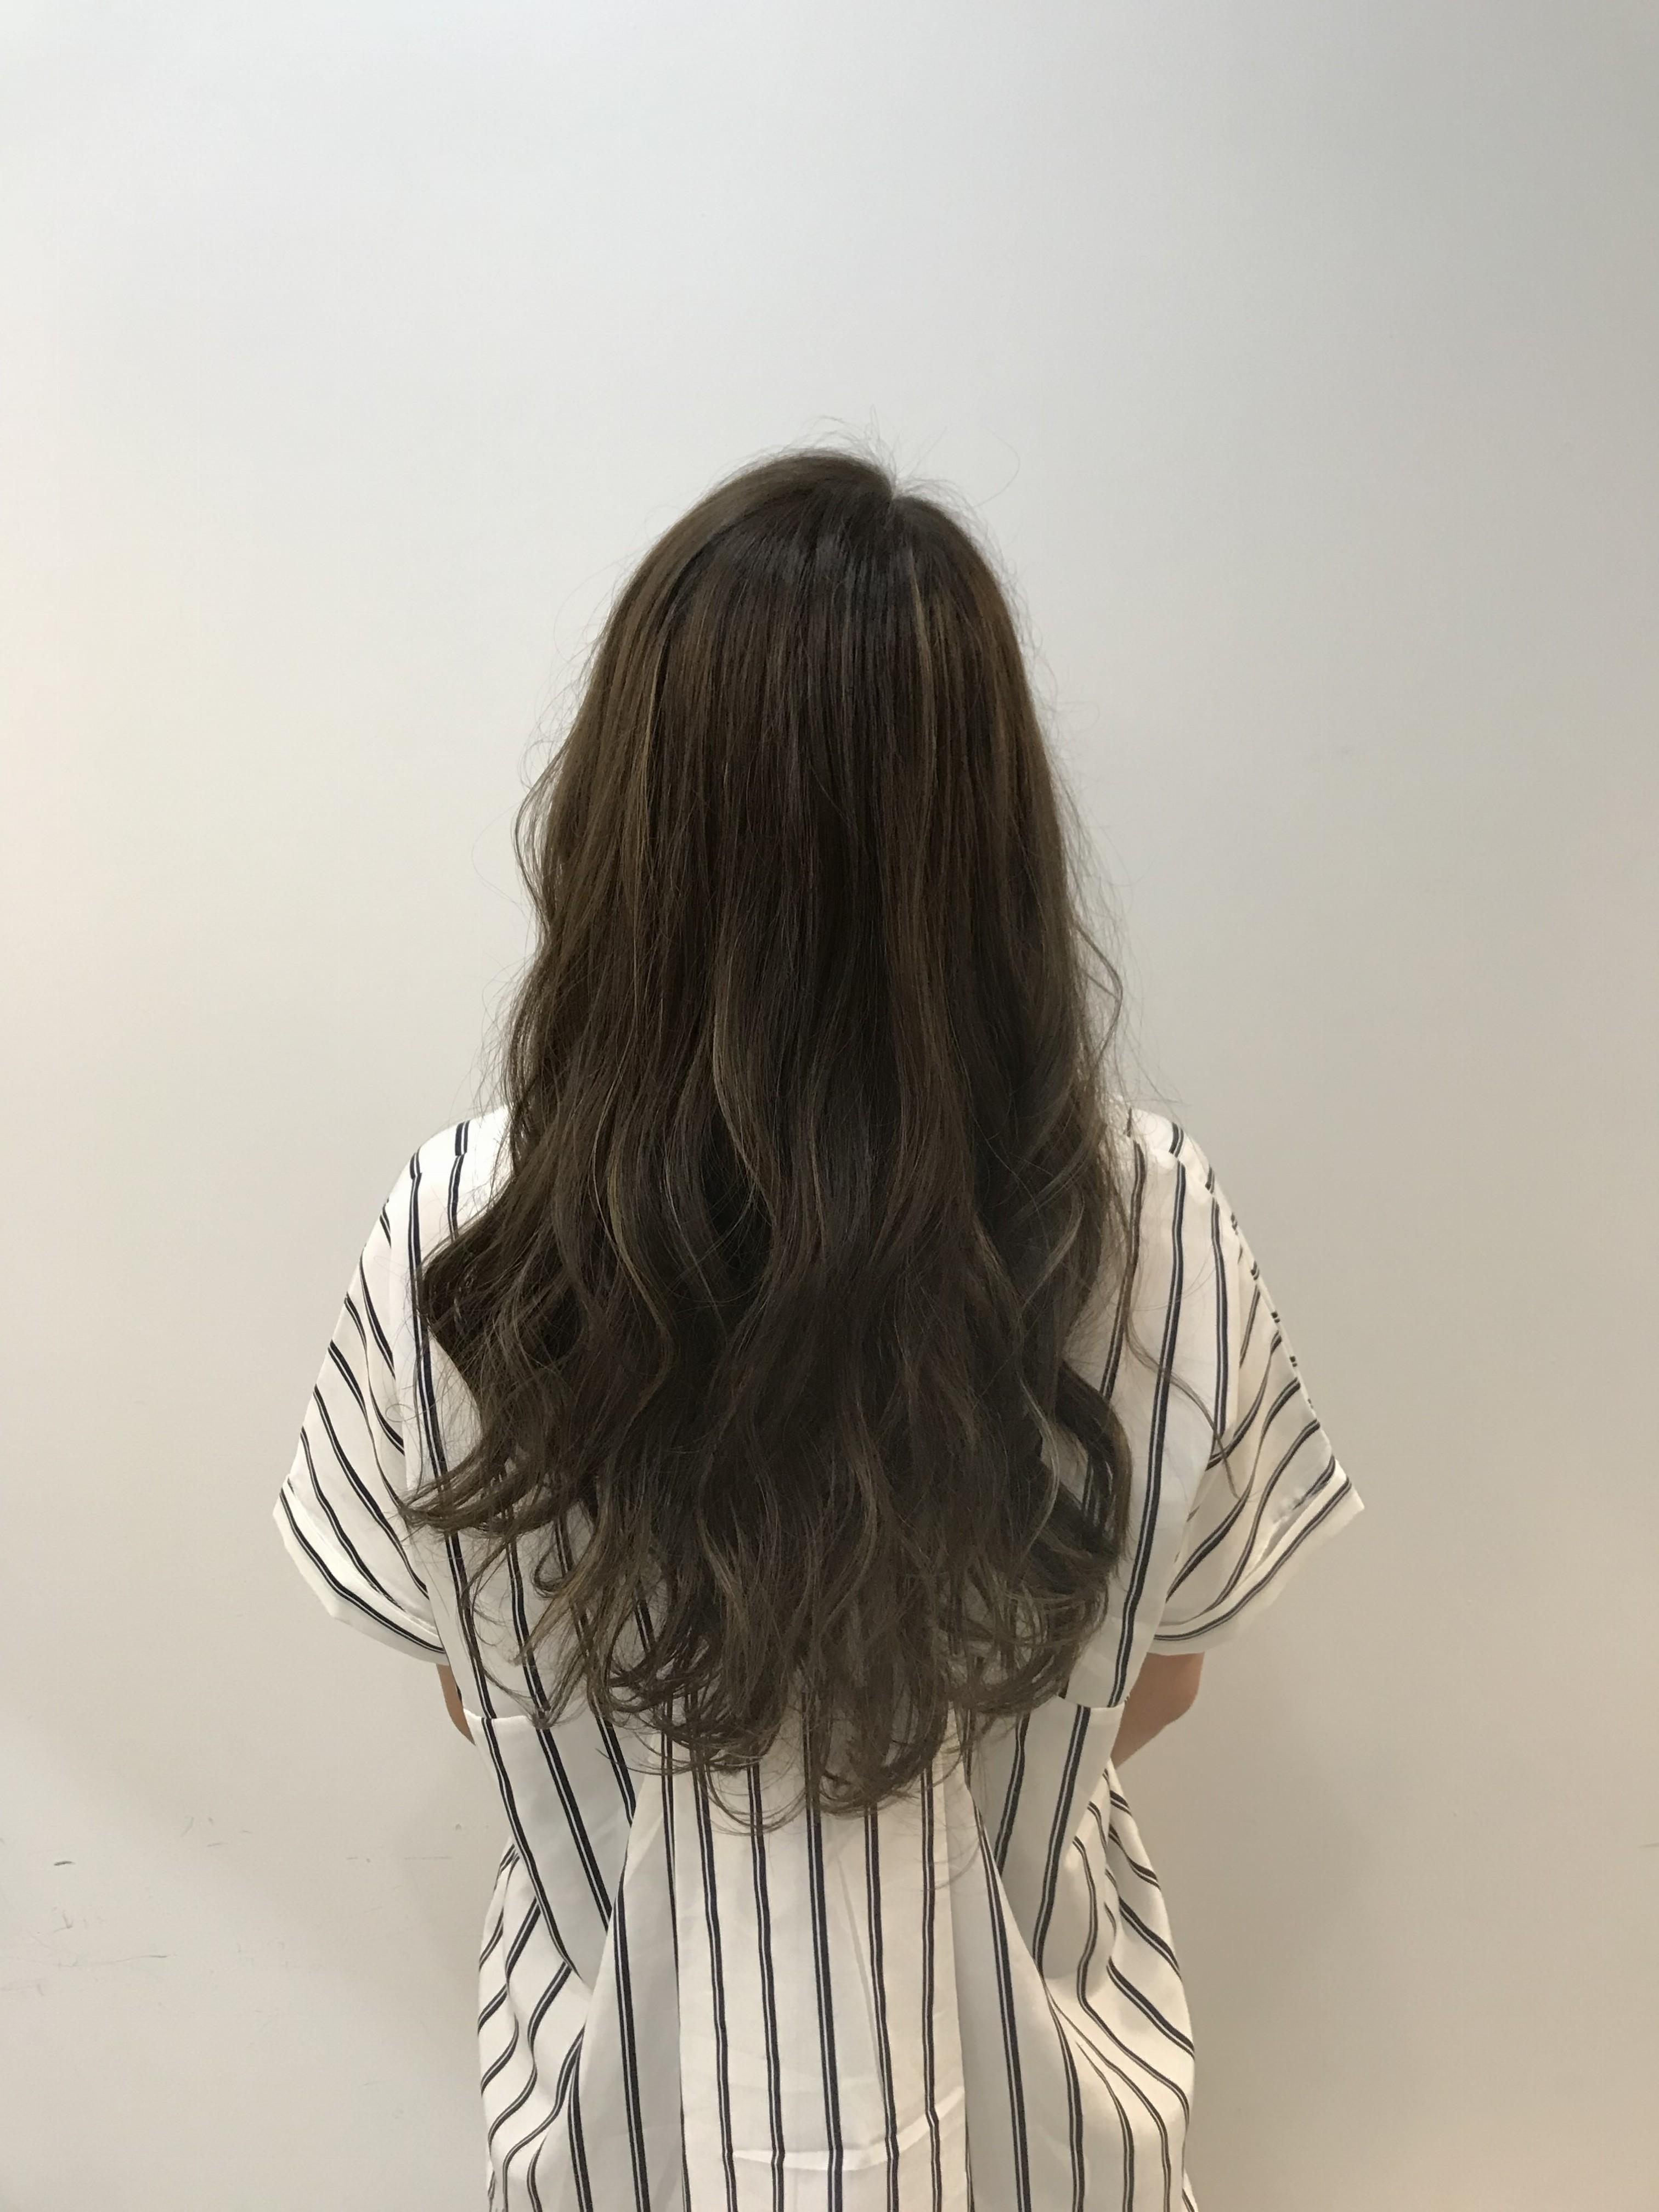 日立 日立市 美容室 美容院 ヘアサロン maru. まる マル ハイライト コテ巻き